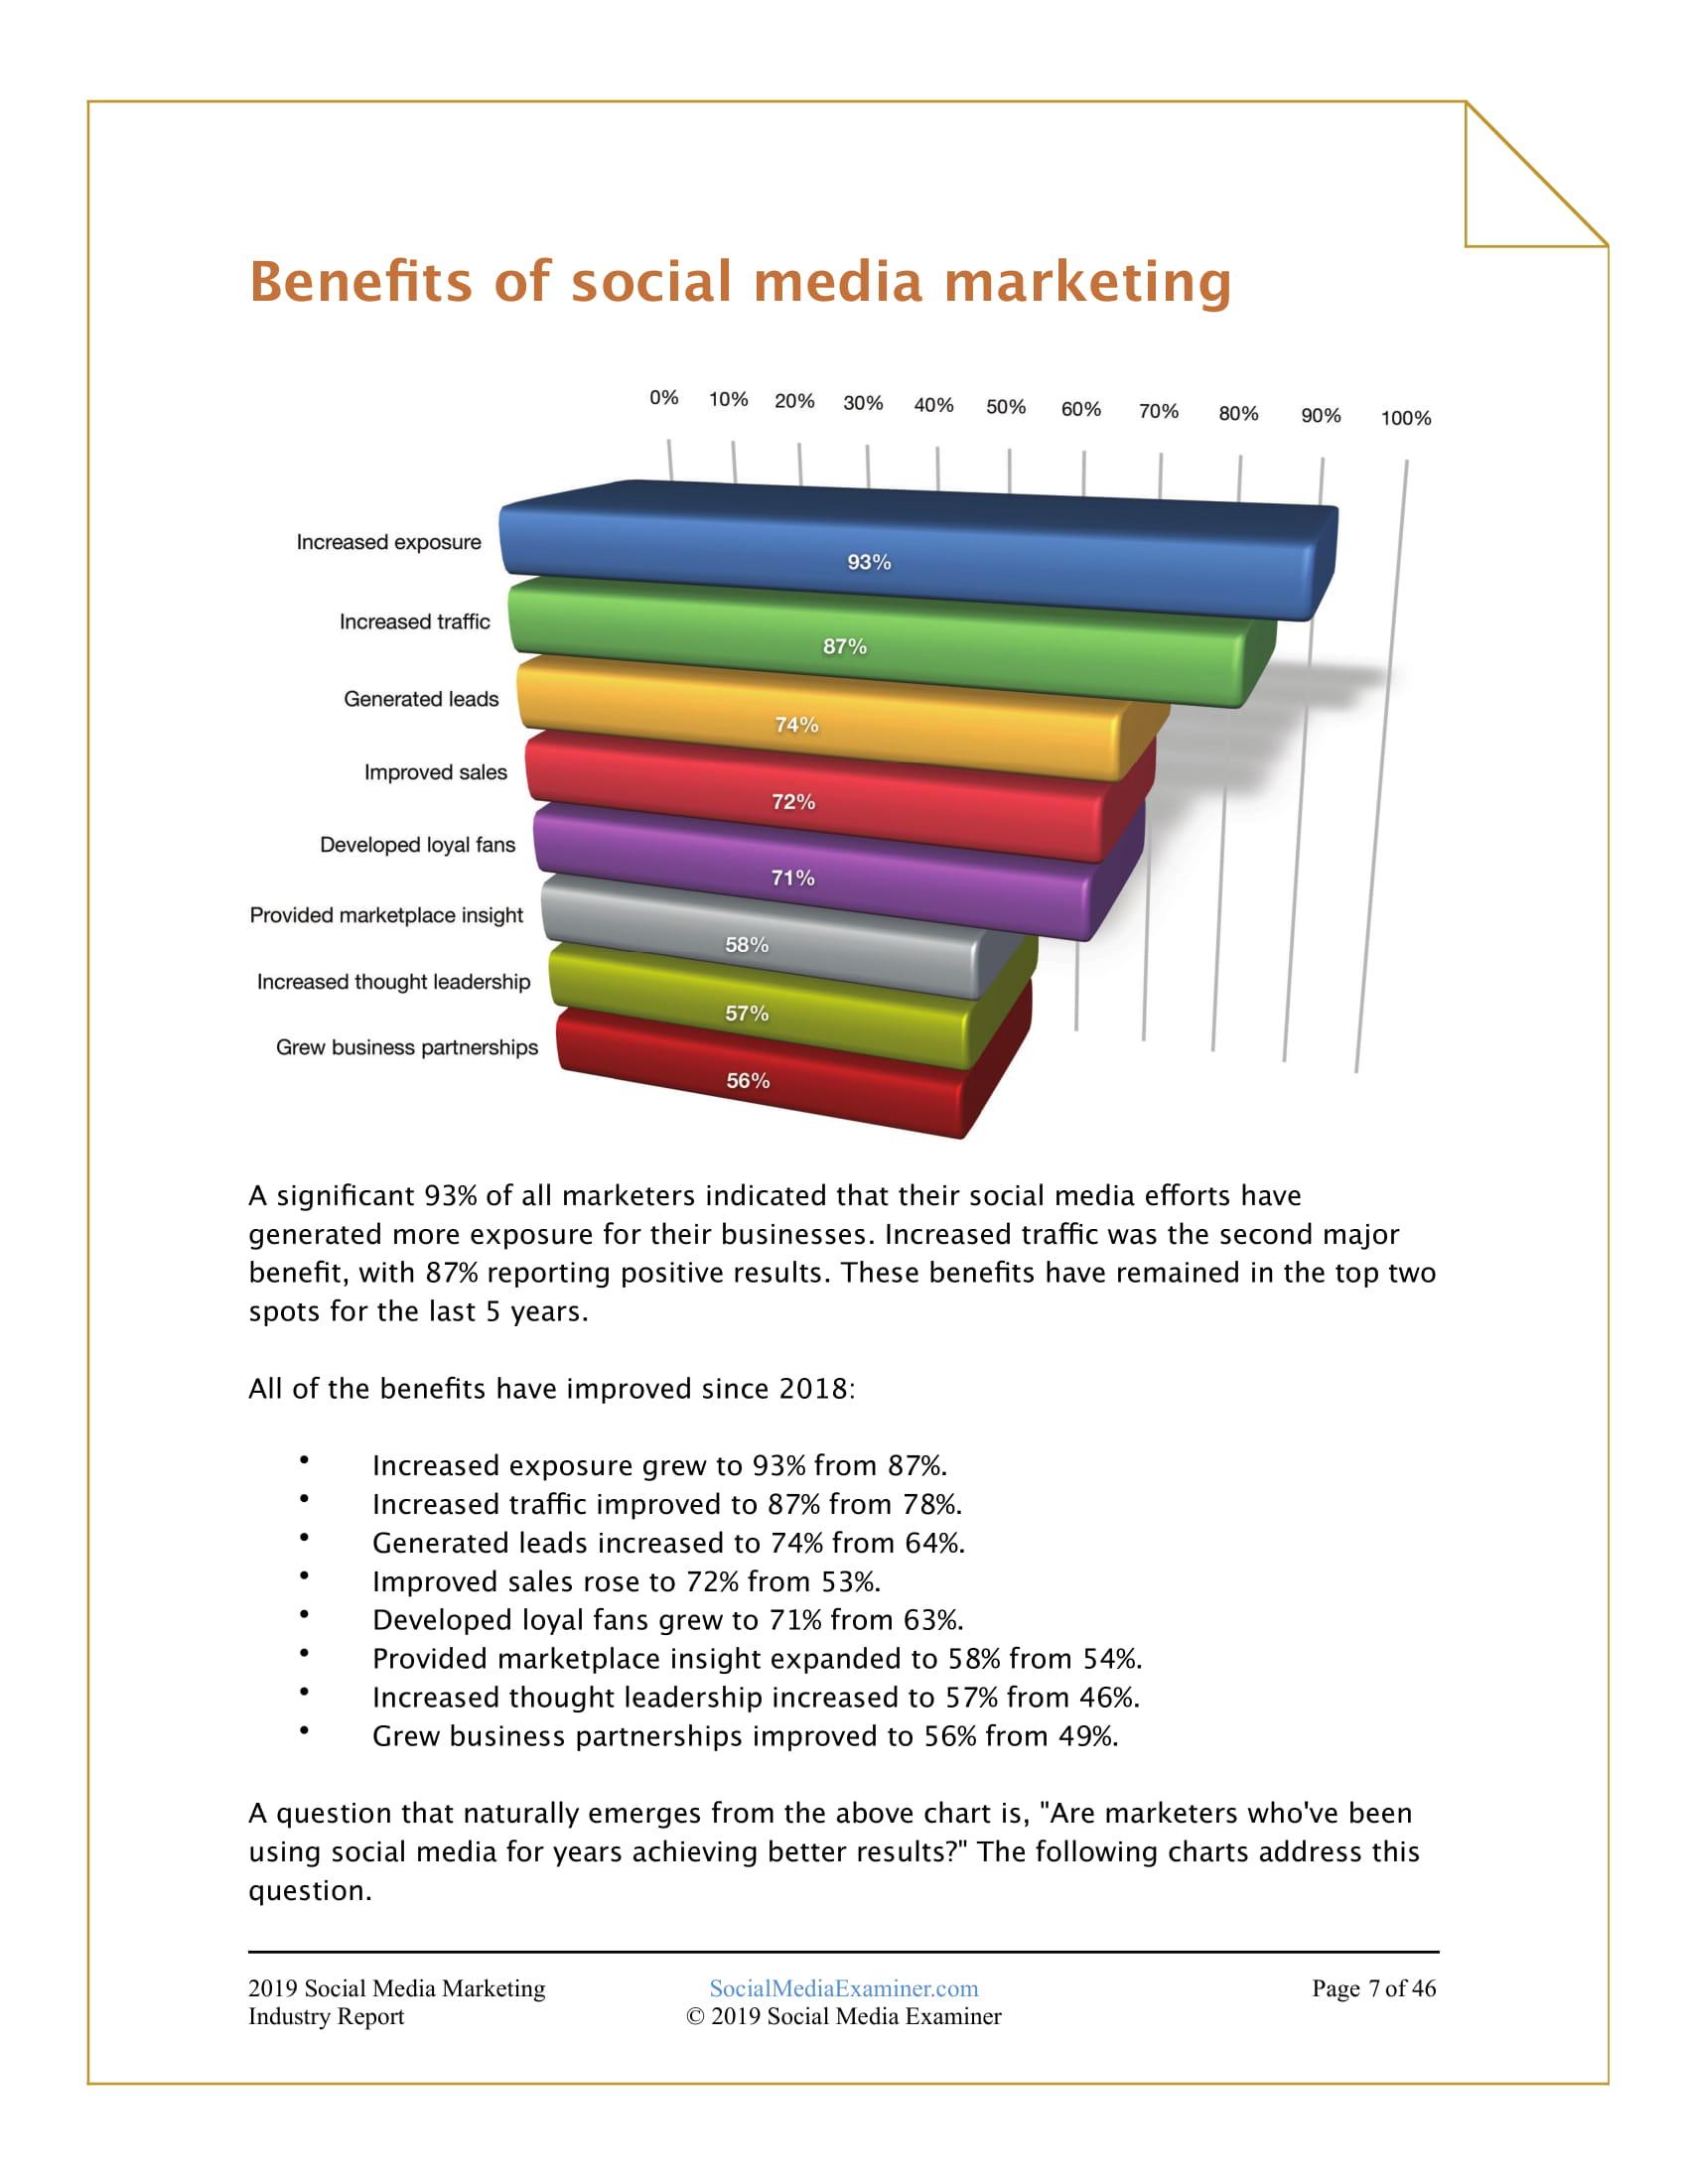 SME:2019年社交媒体营销行业报告-CNMOAD 中文移动营销资讯 7